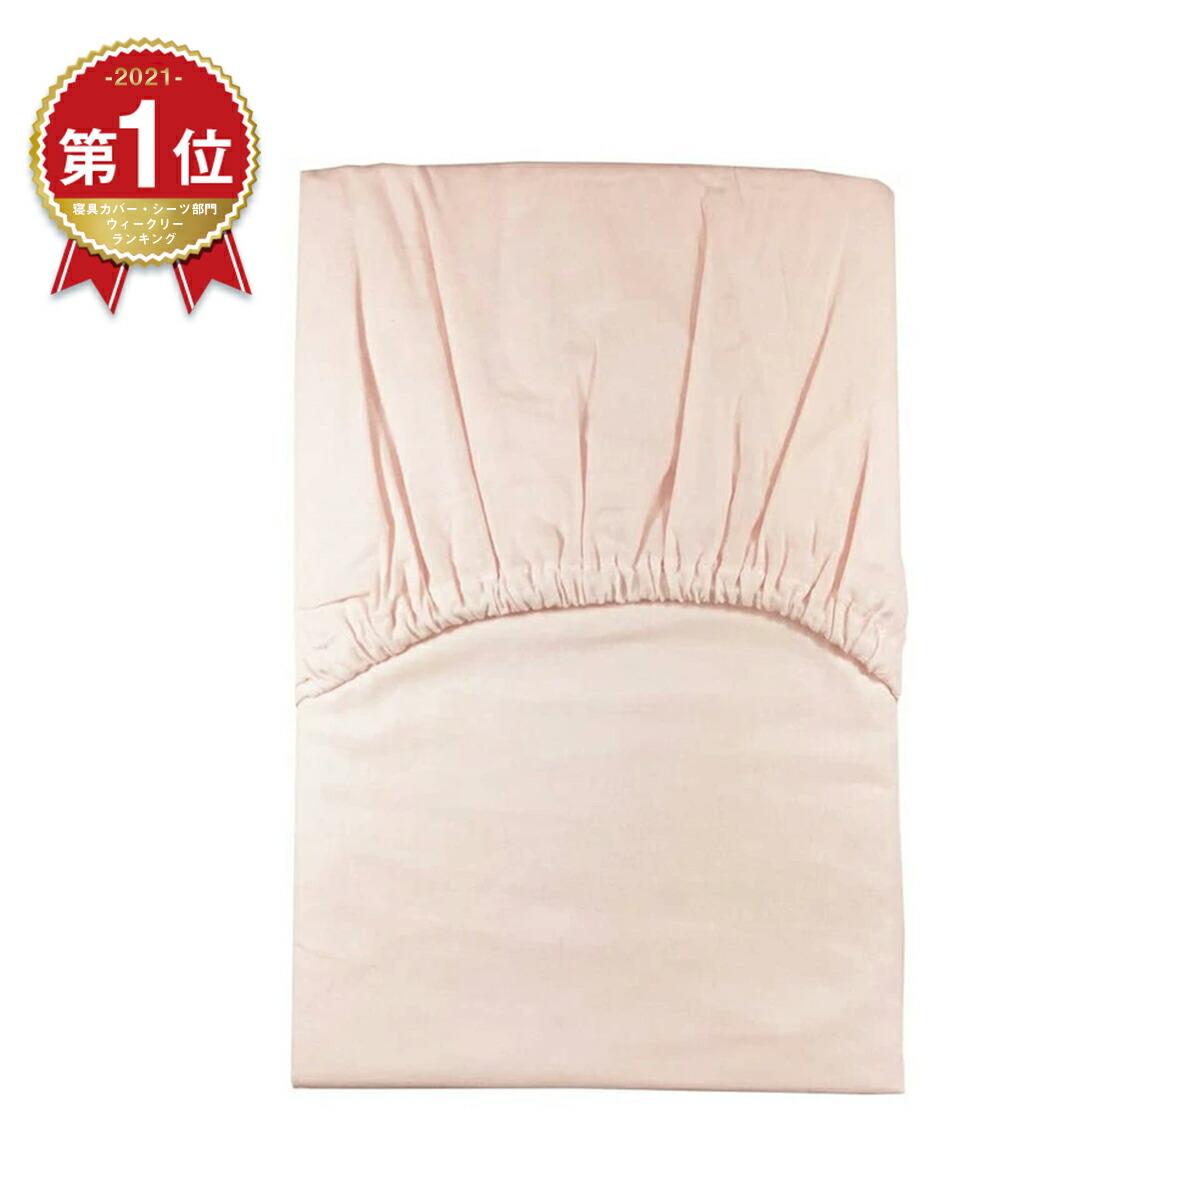 綿100% ツイル織ワンタッチシーツ